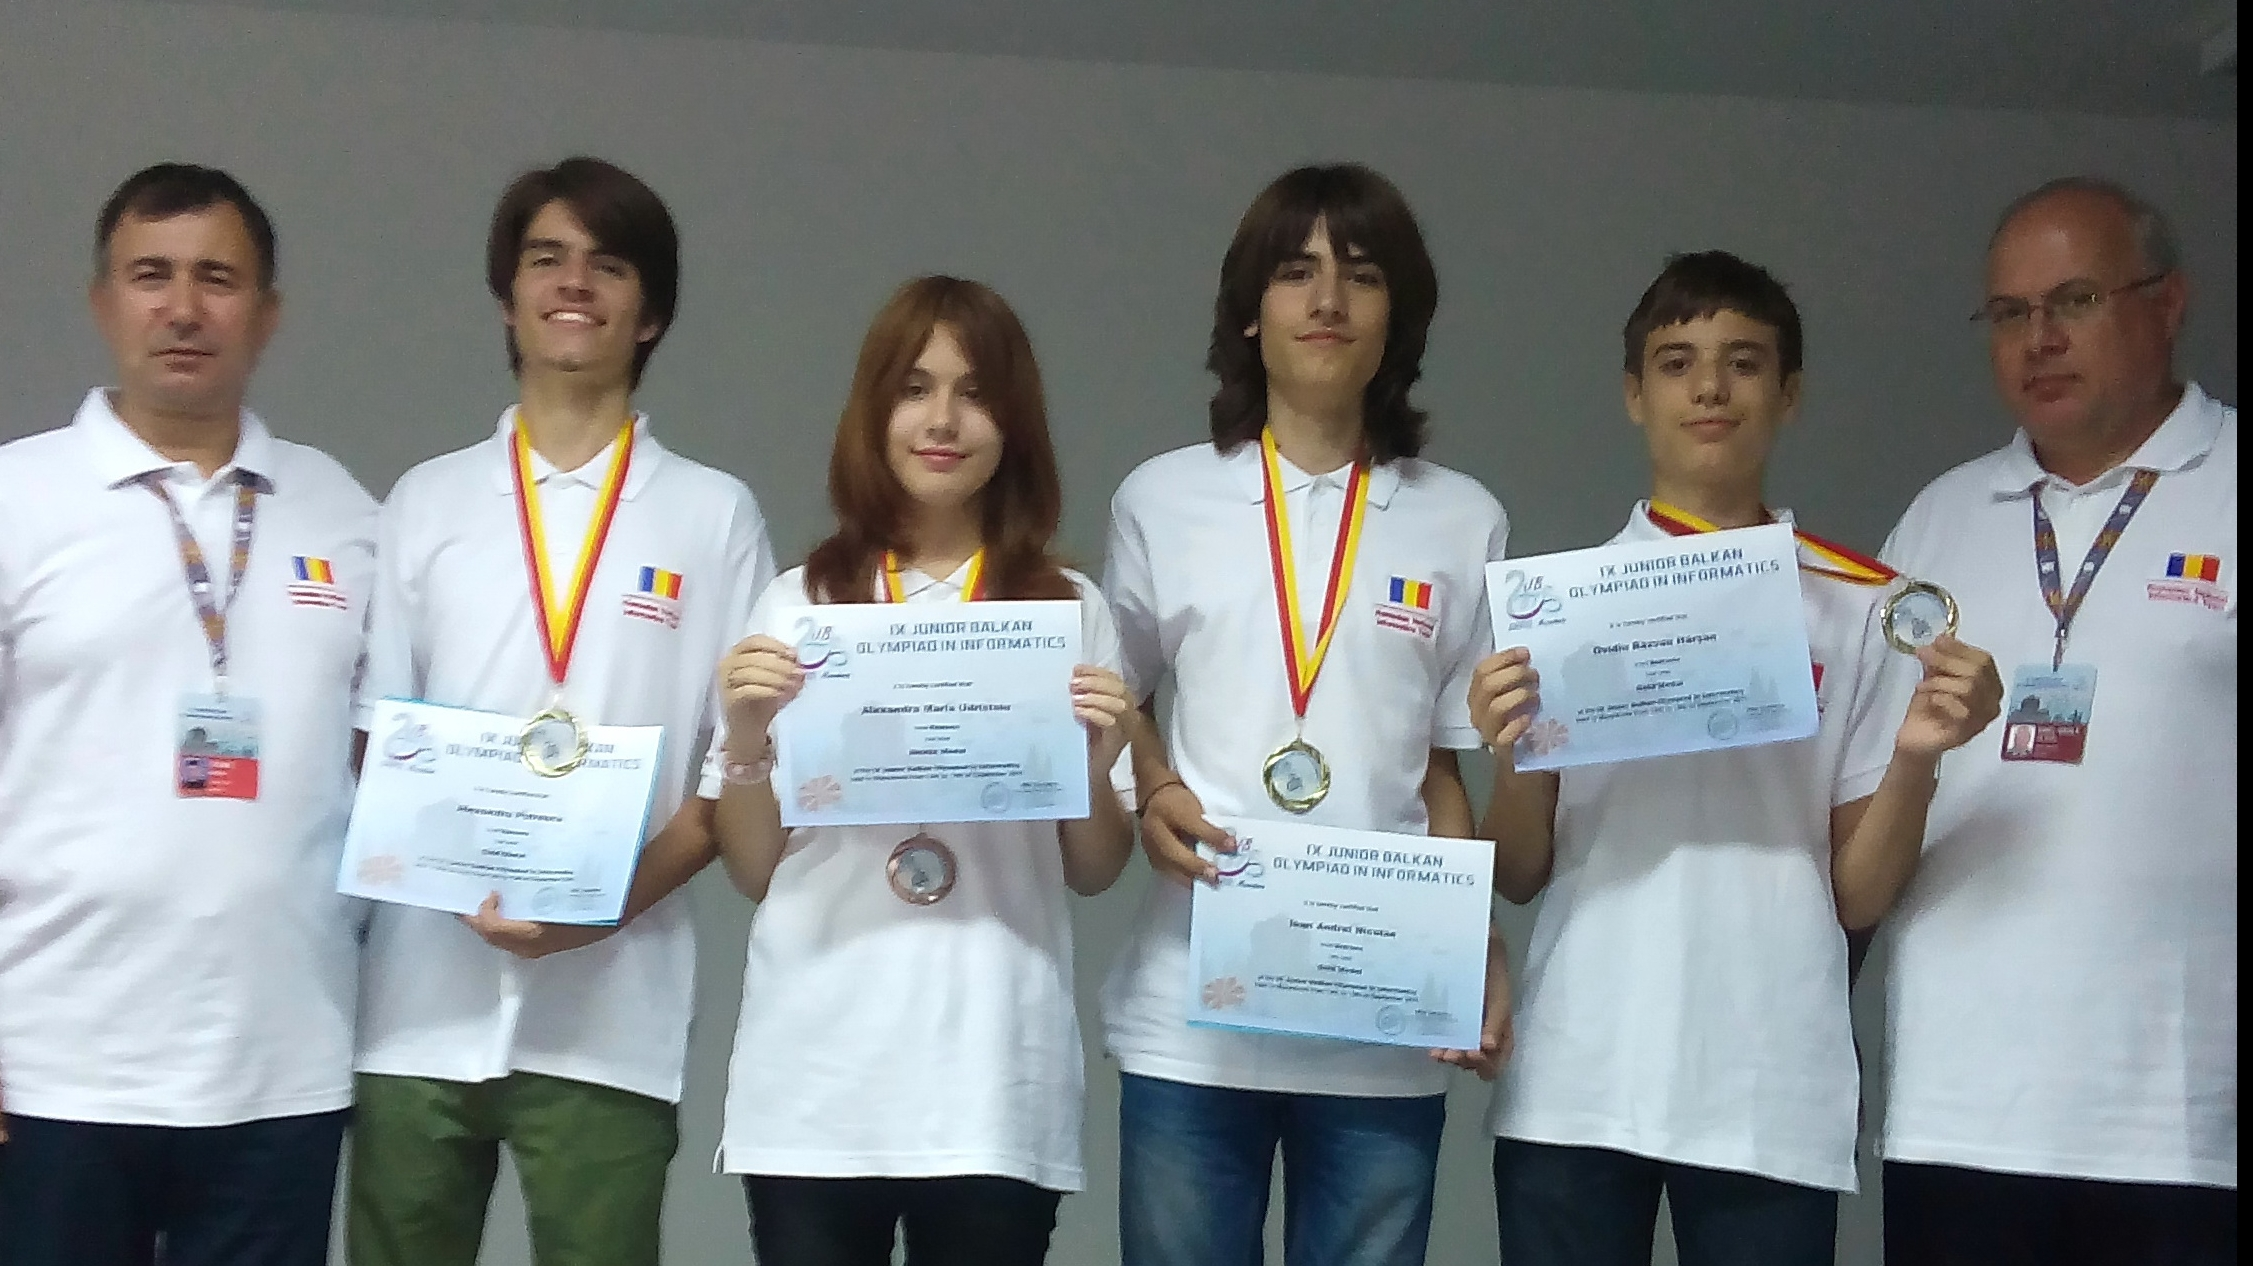 Trei medalii de aur și o medalie de bronz la Olimpiada Balcanică de Informatică pentru Juniori